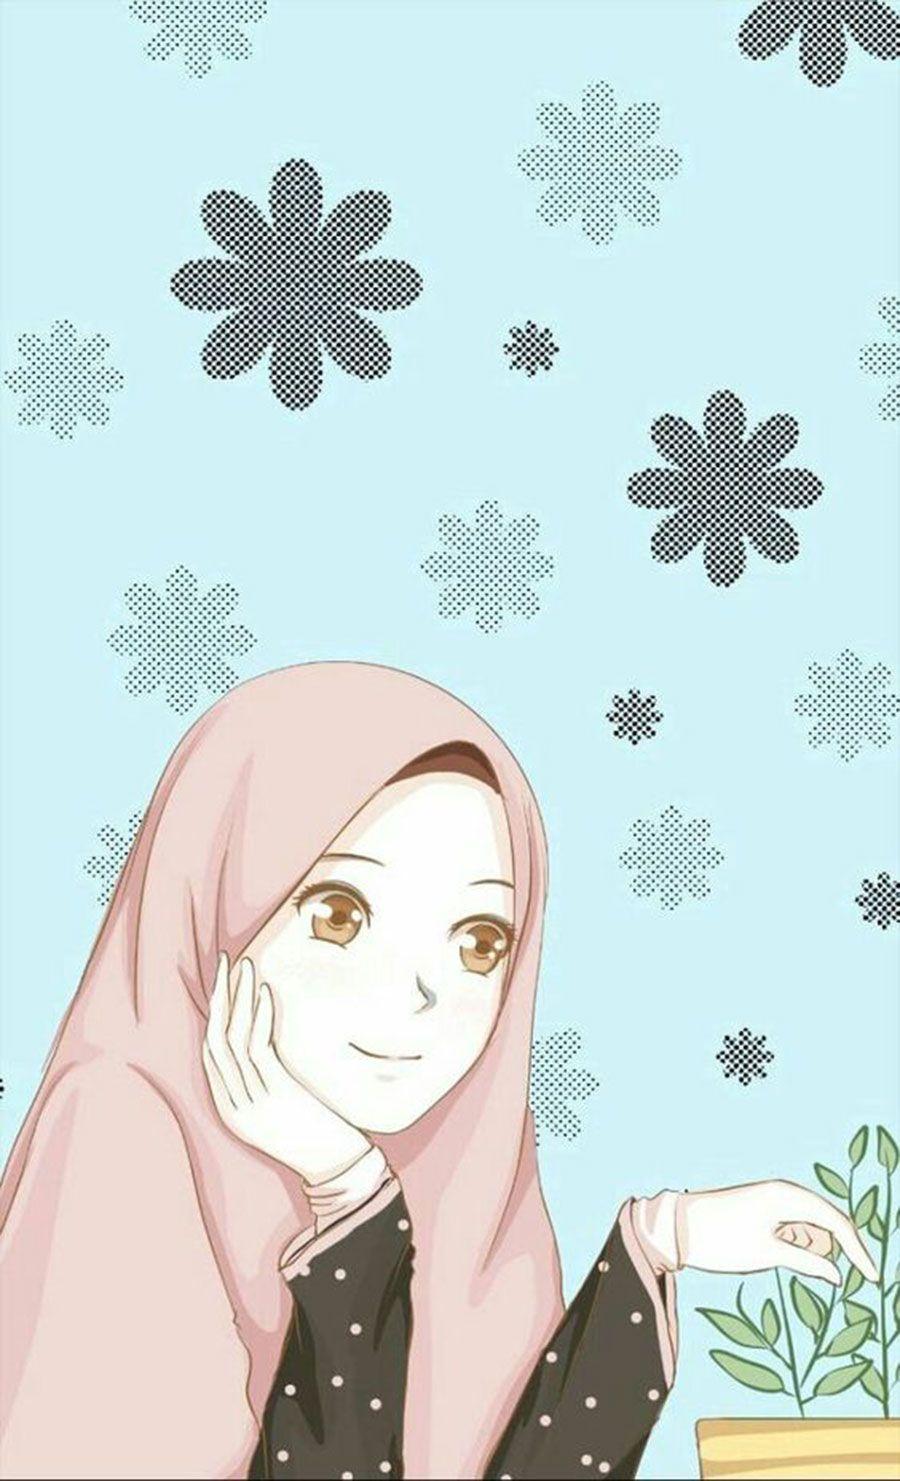 11 Gambar Kartun Muslim Pria Keren Miki Kartun Di 2020 Seni Islamis Ilustrasi Karakter Kartun